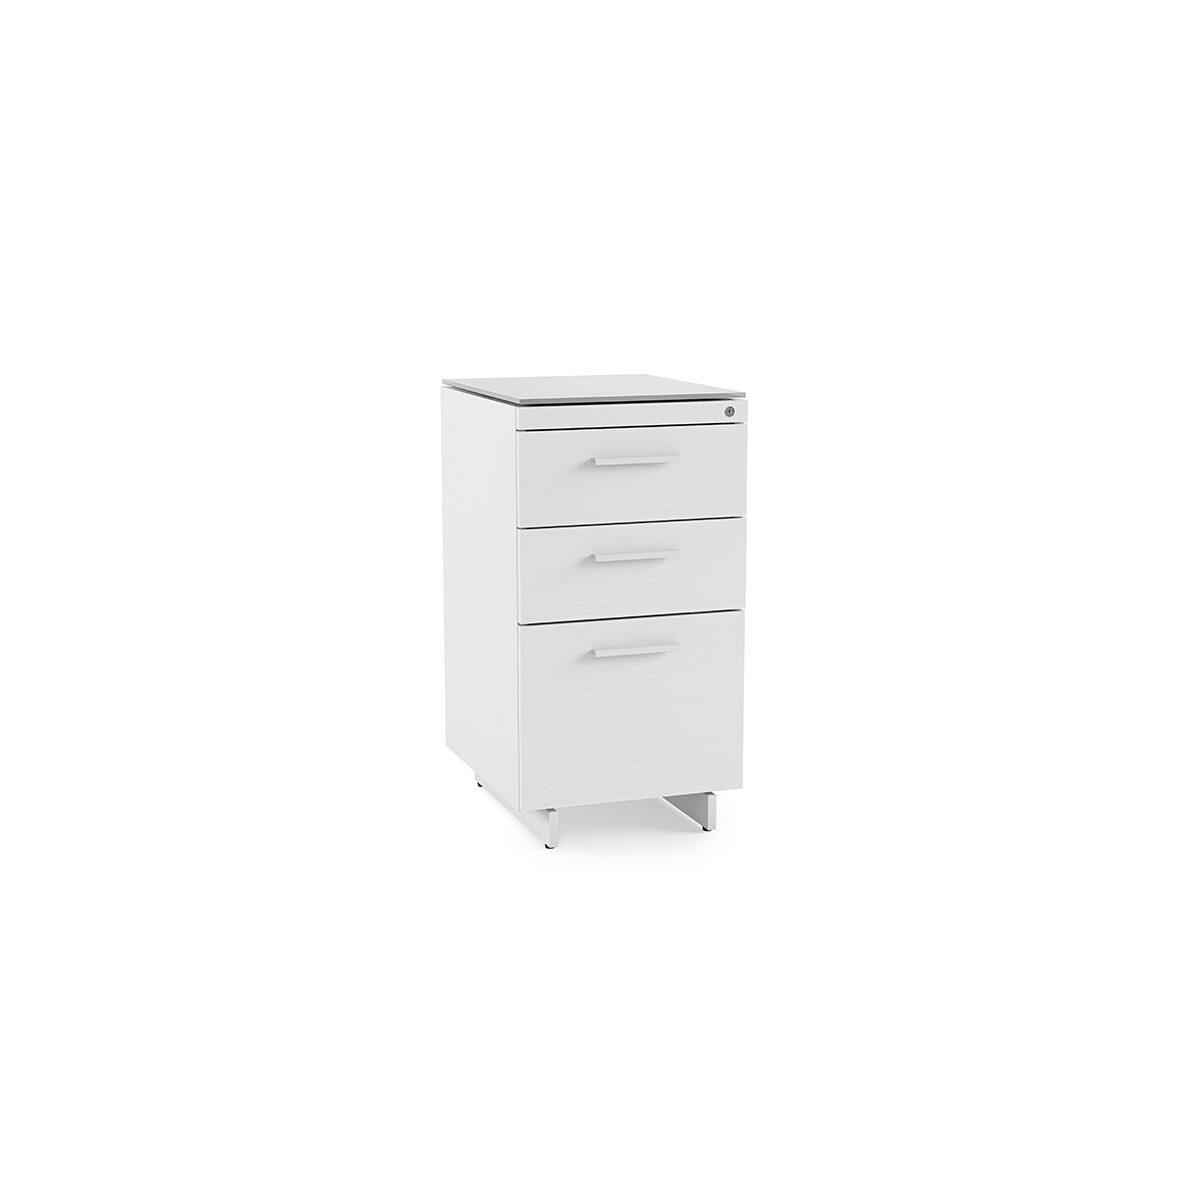 Centro 6414 White 3 Drawer File Cabinet Bdi Furniture